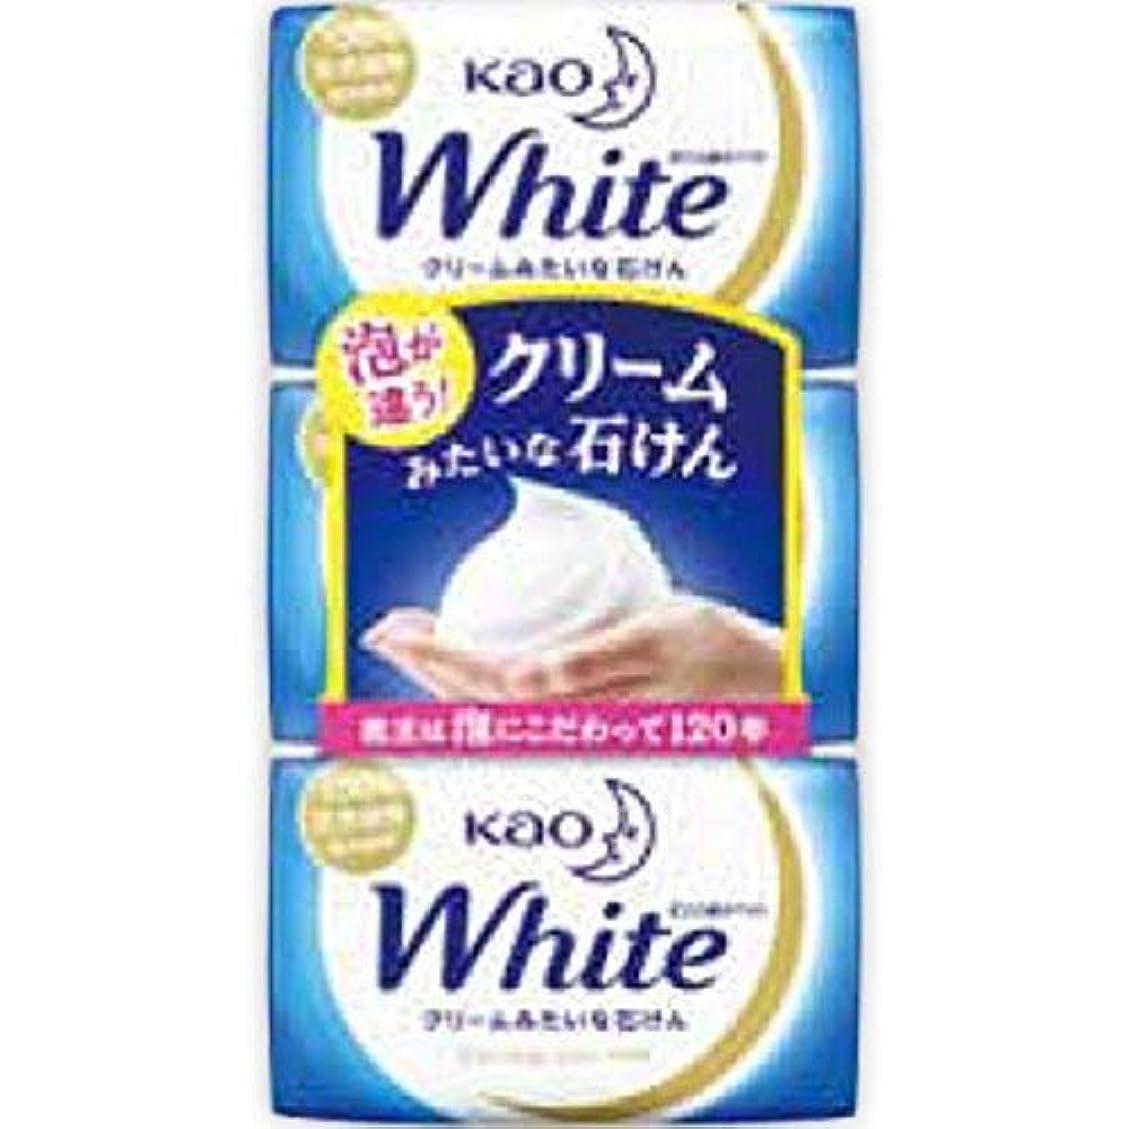 ストレンジャーに向かって崇拝する花王ホワイト レギュラーサイズ 85g*3個入